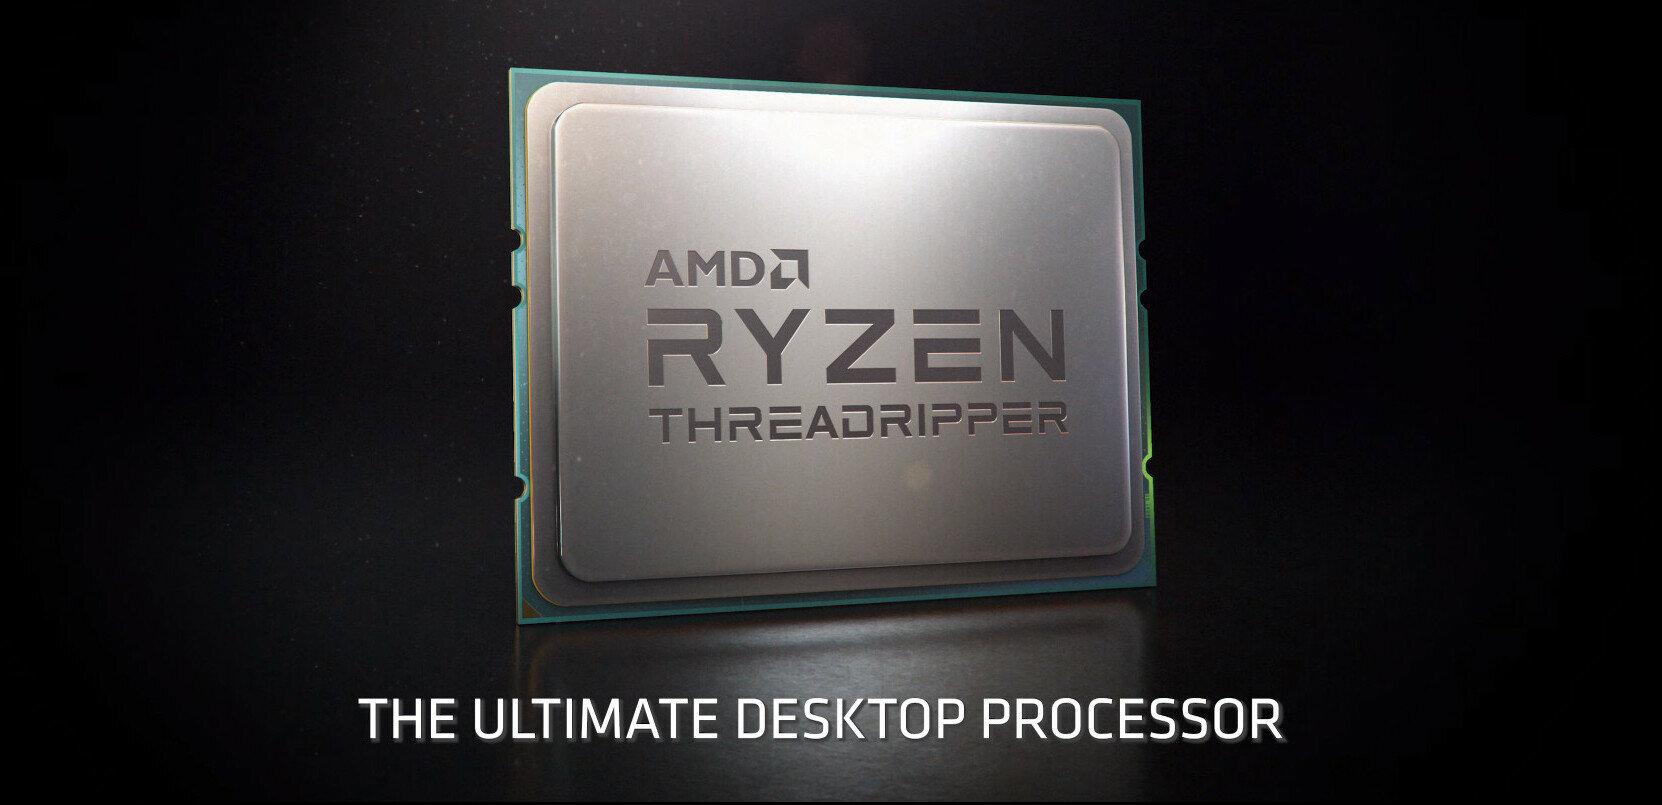 Pour assurer la promo de ses prochains Threadripper, AMD joue la carte Terminator #IH